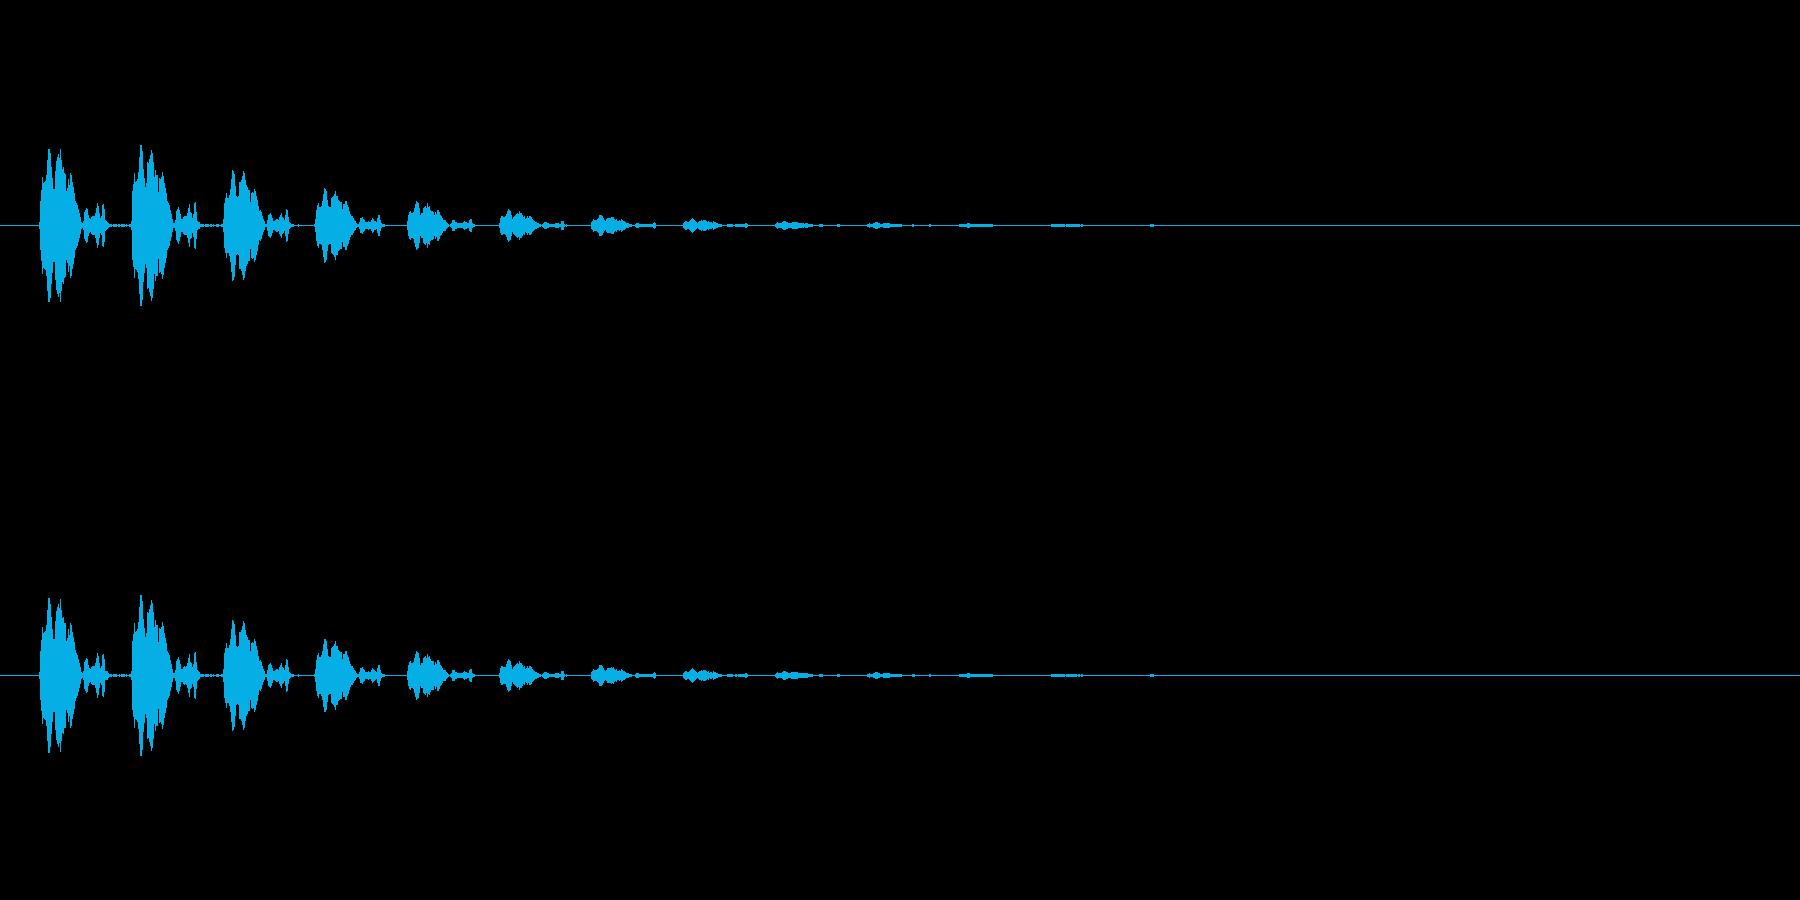 【ポップモーション20-3】の再生済みの波形